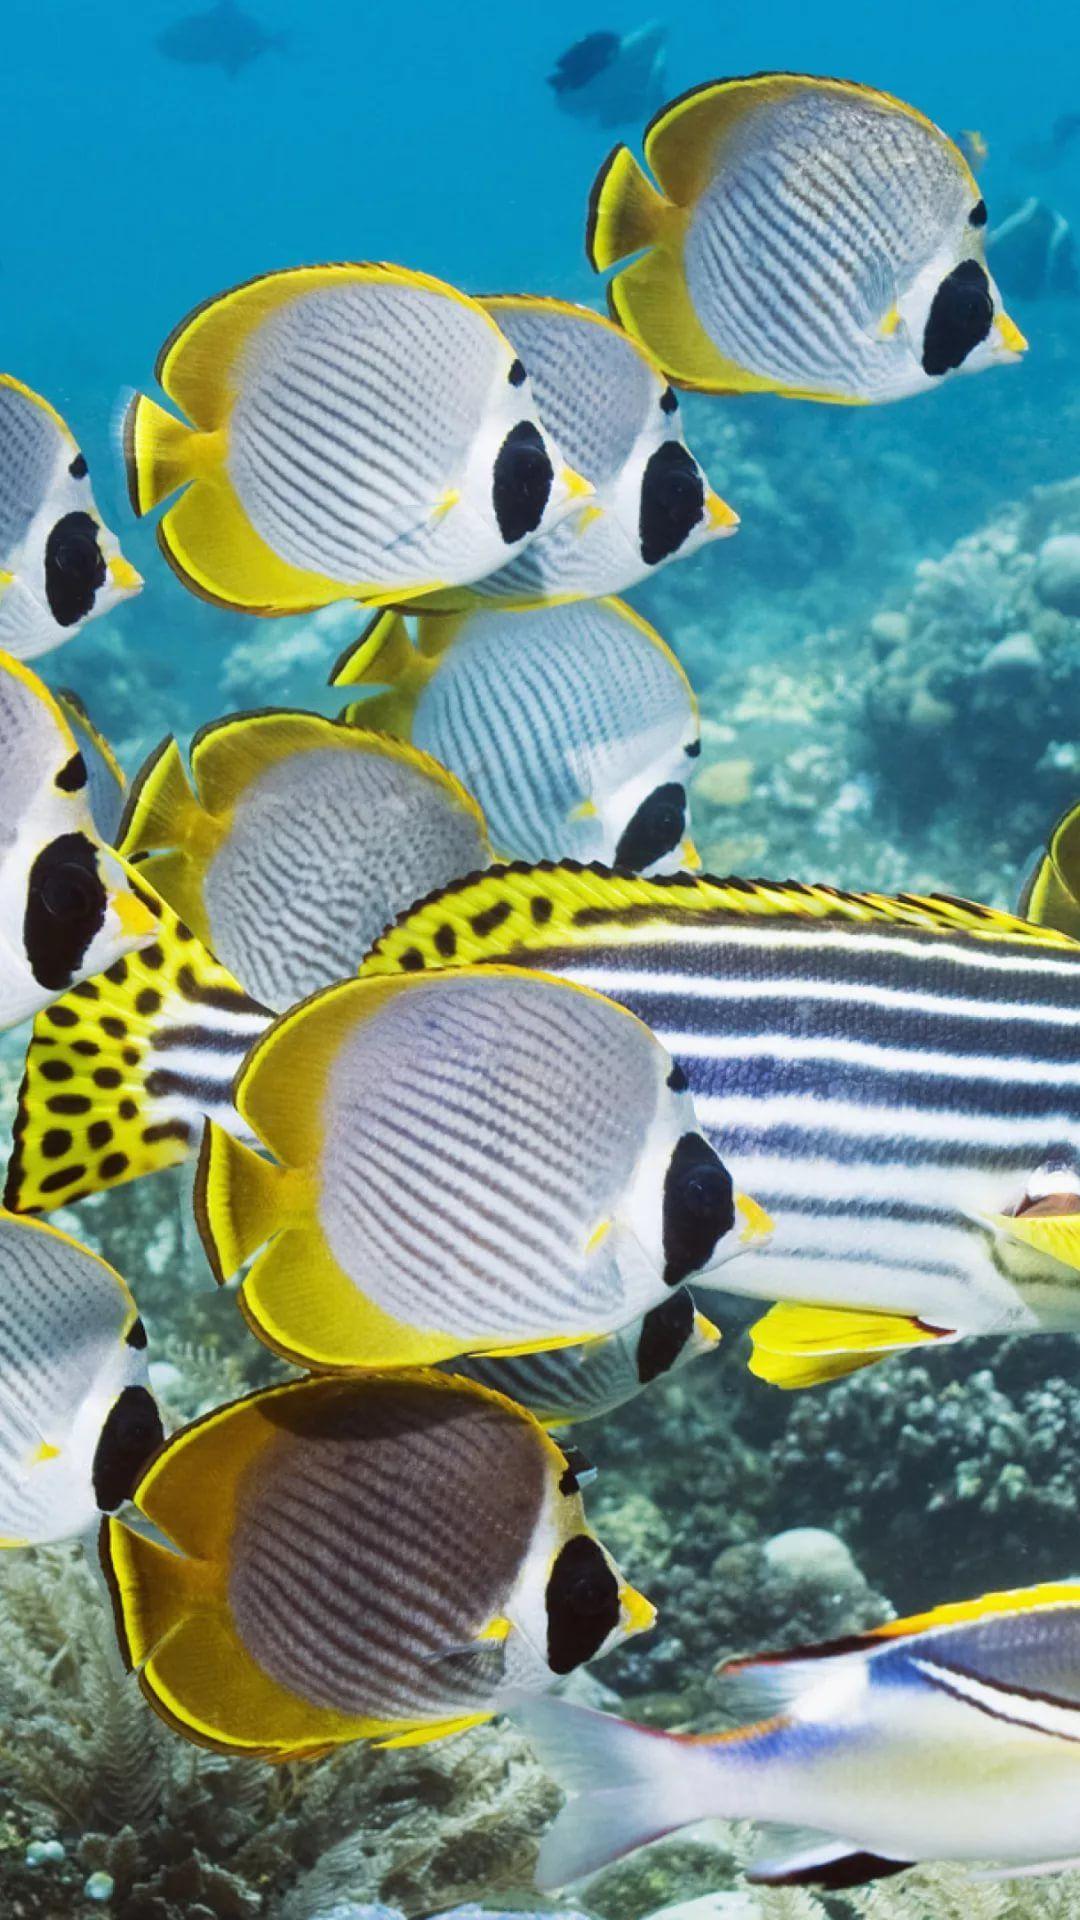 Fish iPhone 7 plus wallpaper hd